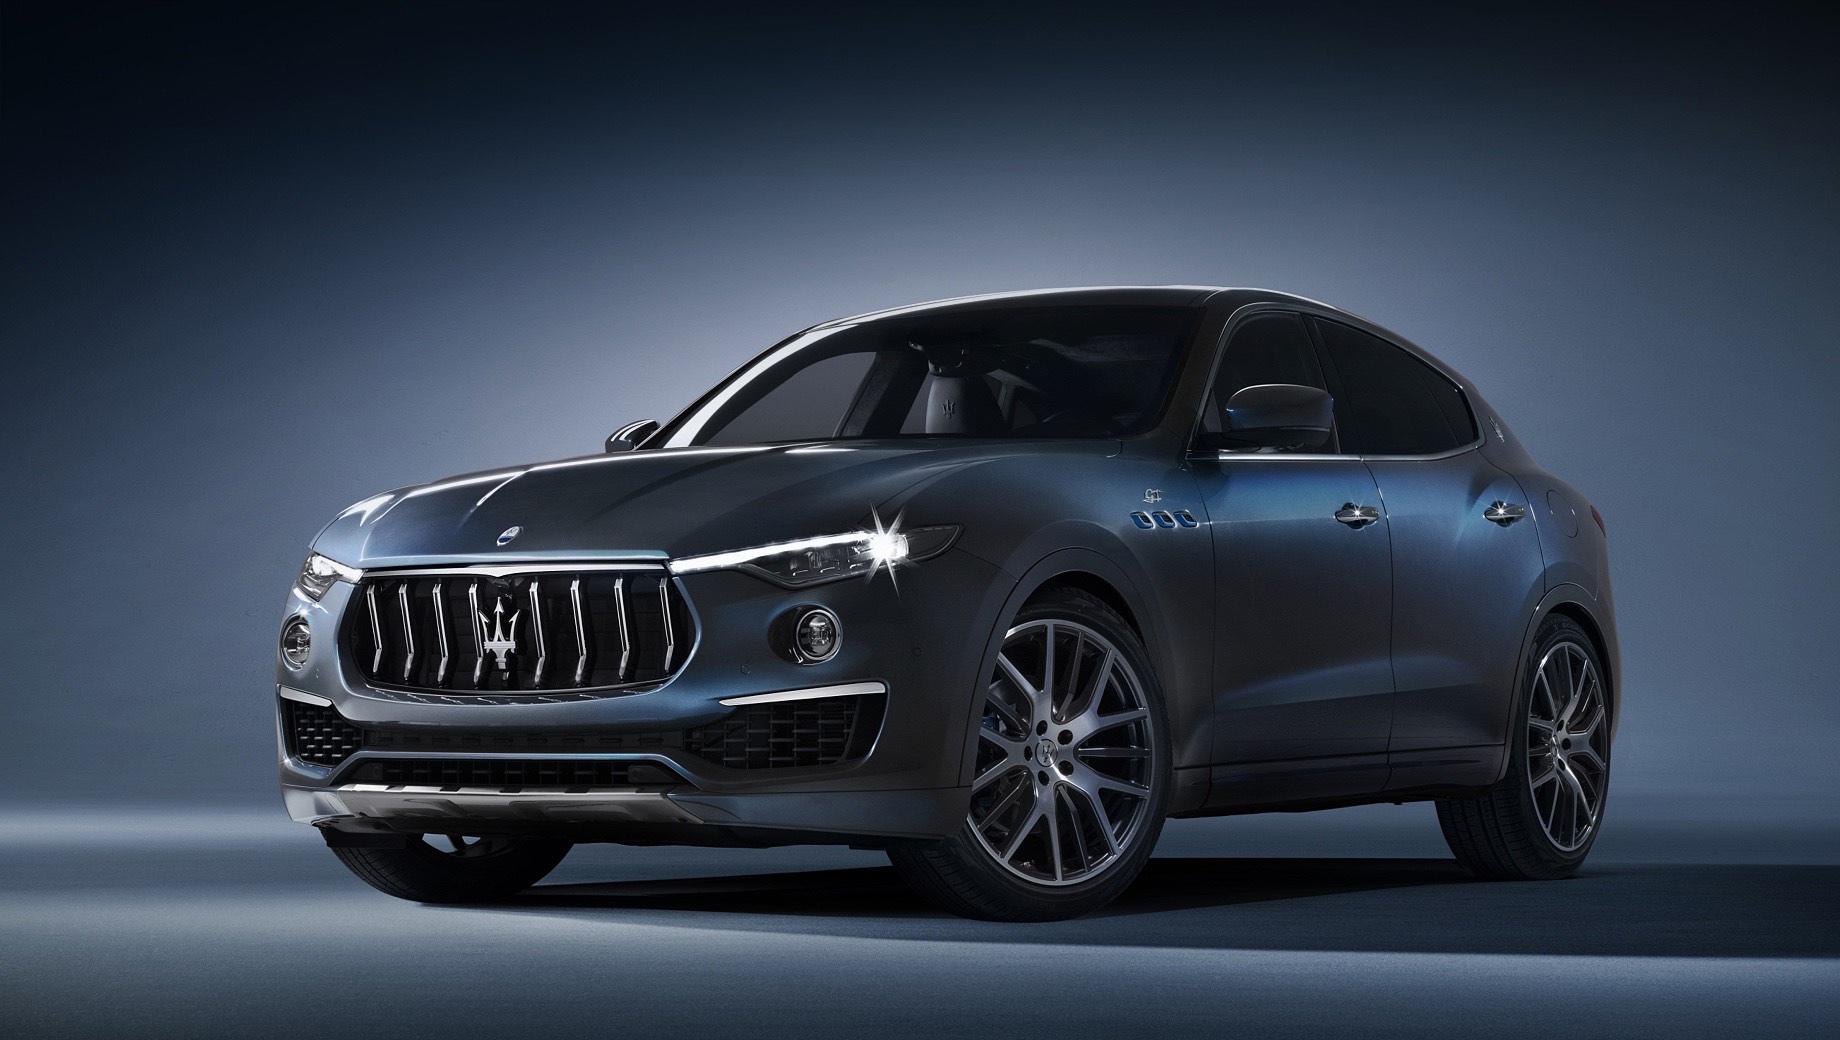 Maserati levante,Maserati levante hybrid. Визуально новинка может выделиться только новым цветом кузова Azzurro Astro, а также синими акцентами отдельных деталей, логотипа и суппортов. Колёса диаметром 21 дюйм и обновлённые фары соответствуют остальным версиям кроссовера 2021 модельного года.